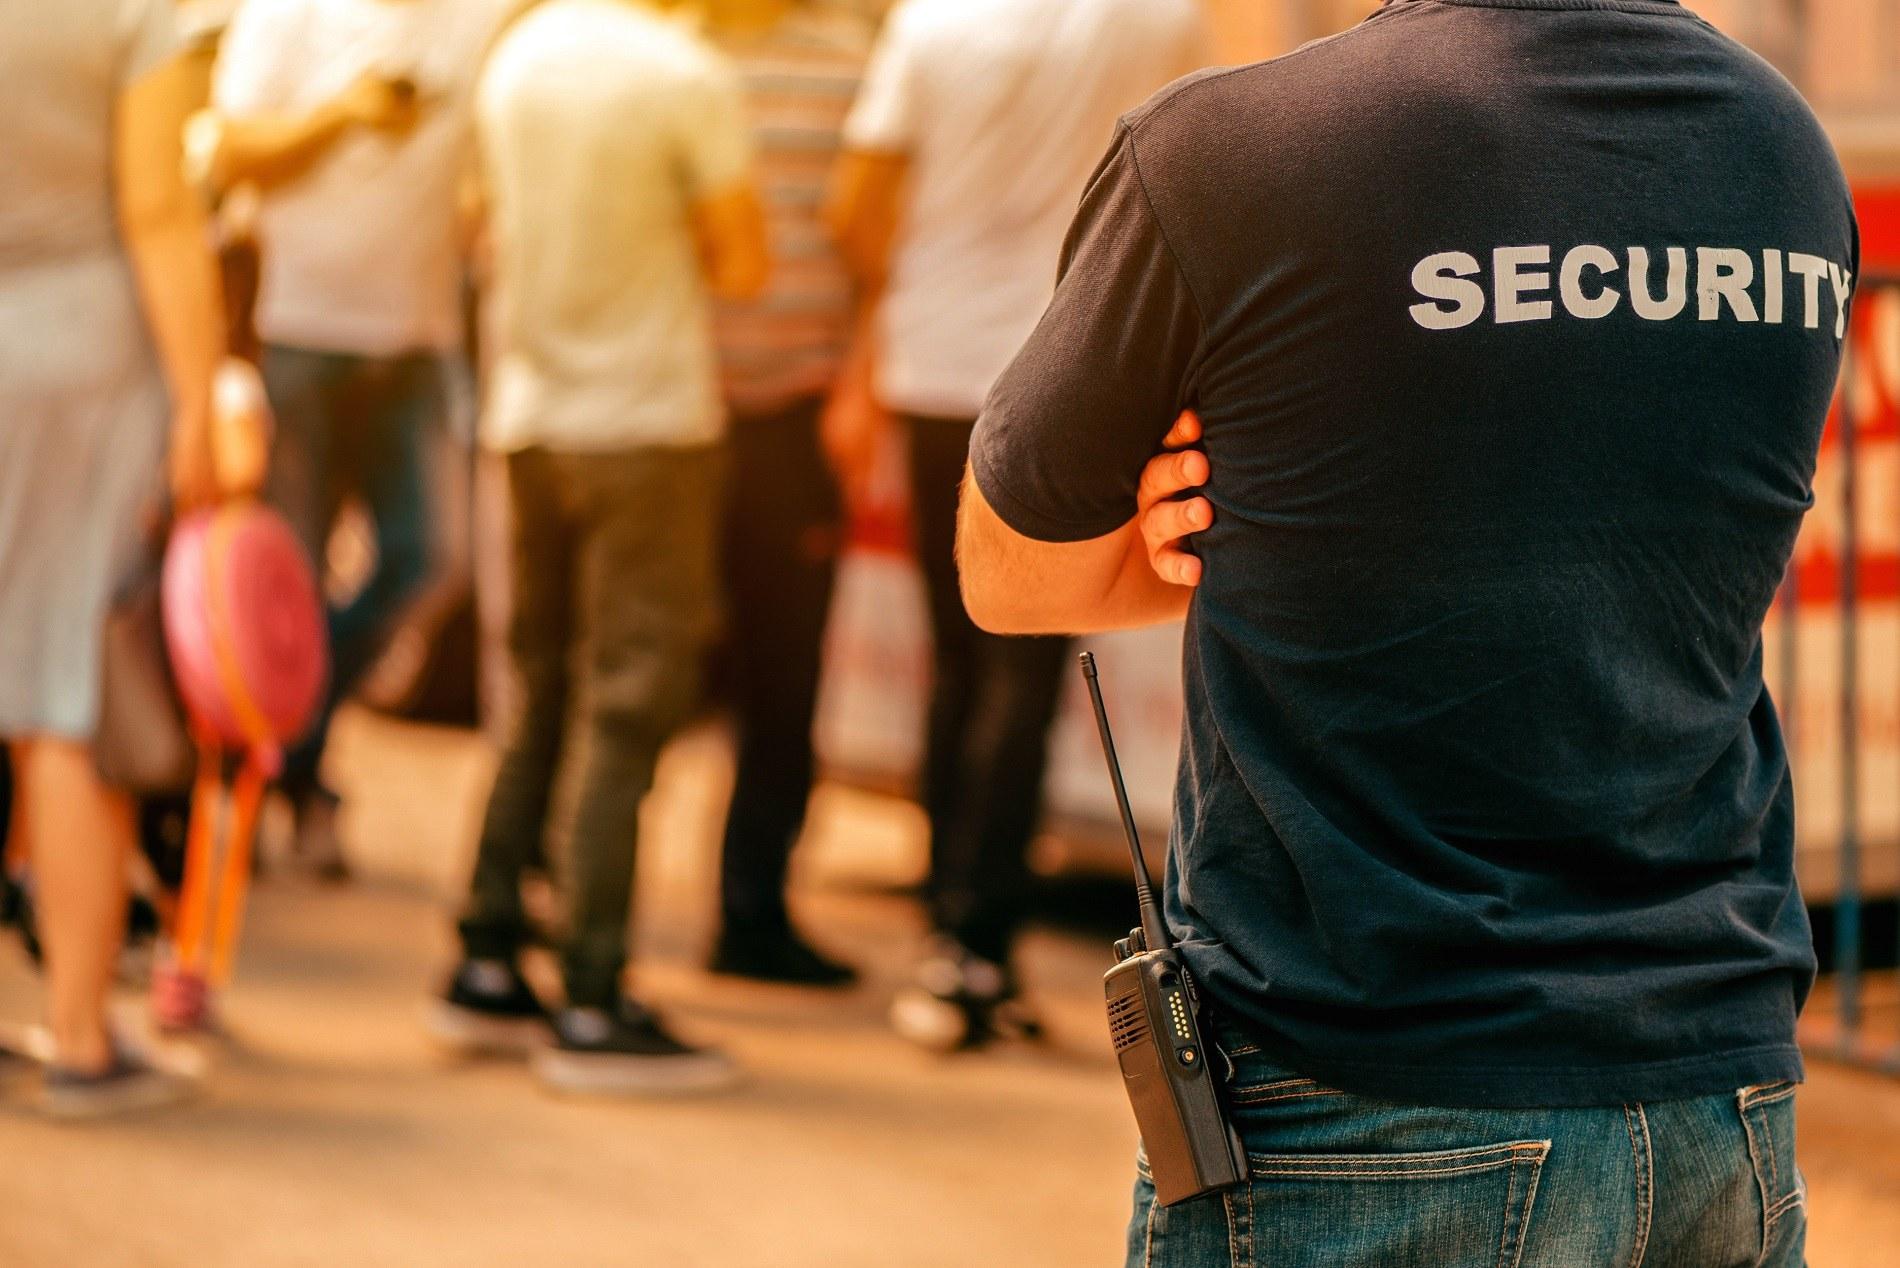 Objektschutz Sicherheitsdienst, Security, Brandwache, Brandschutz, Security Leipzig